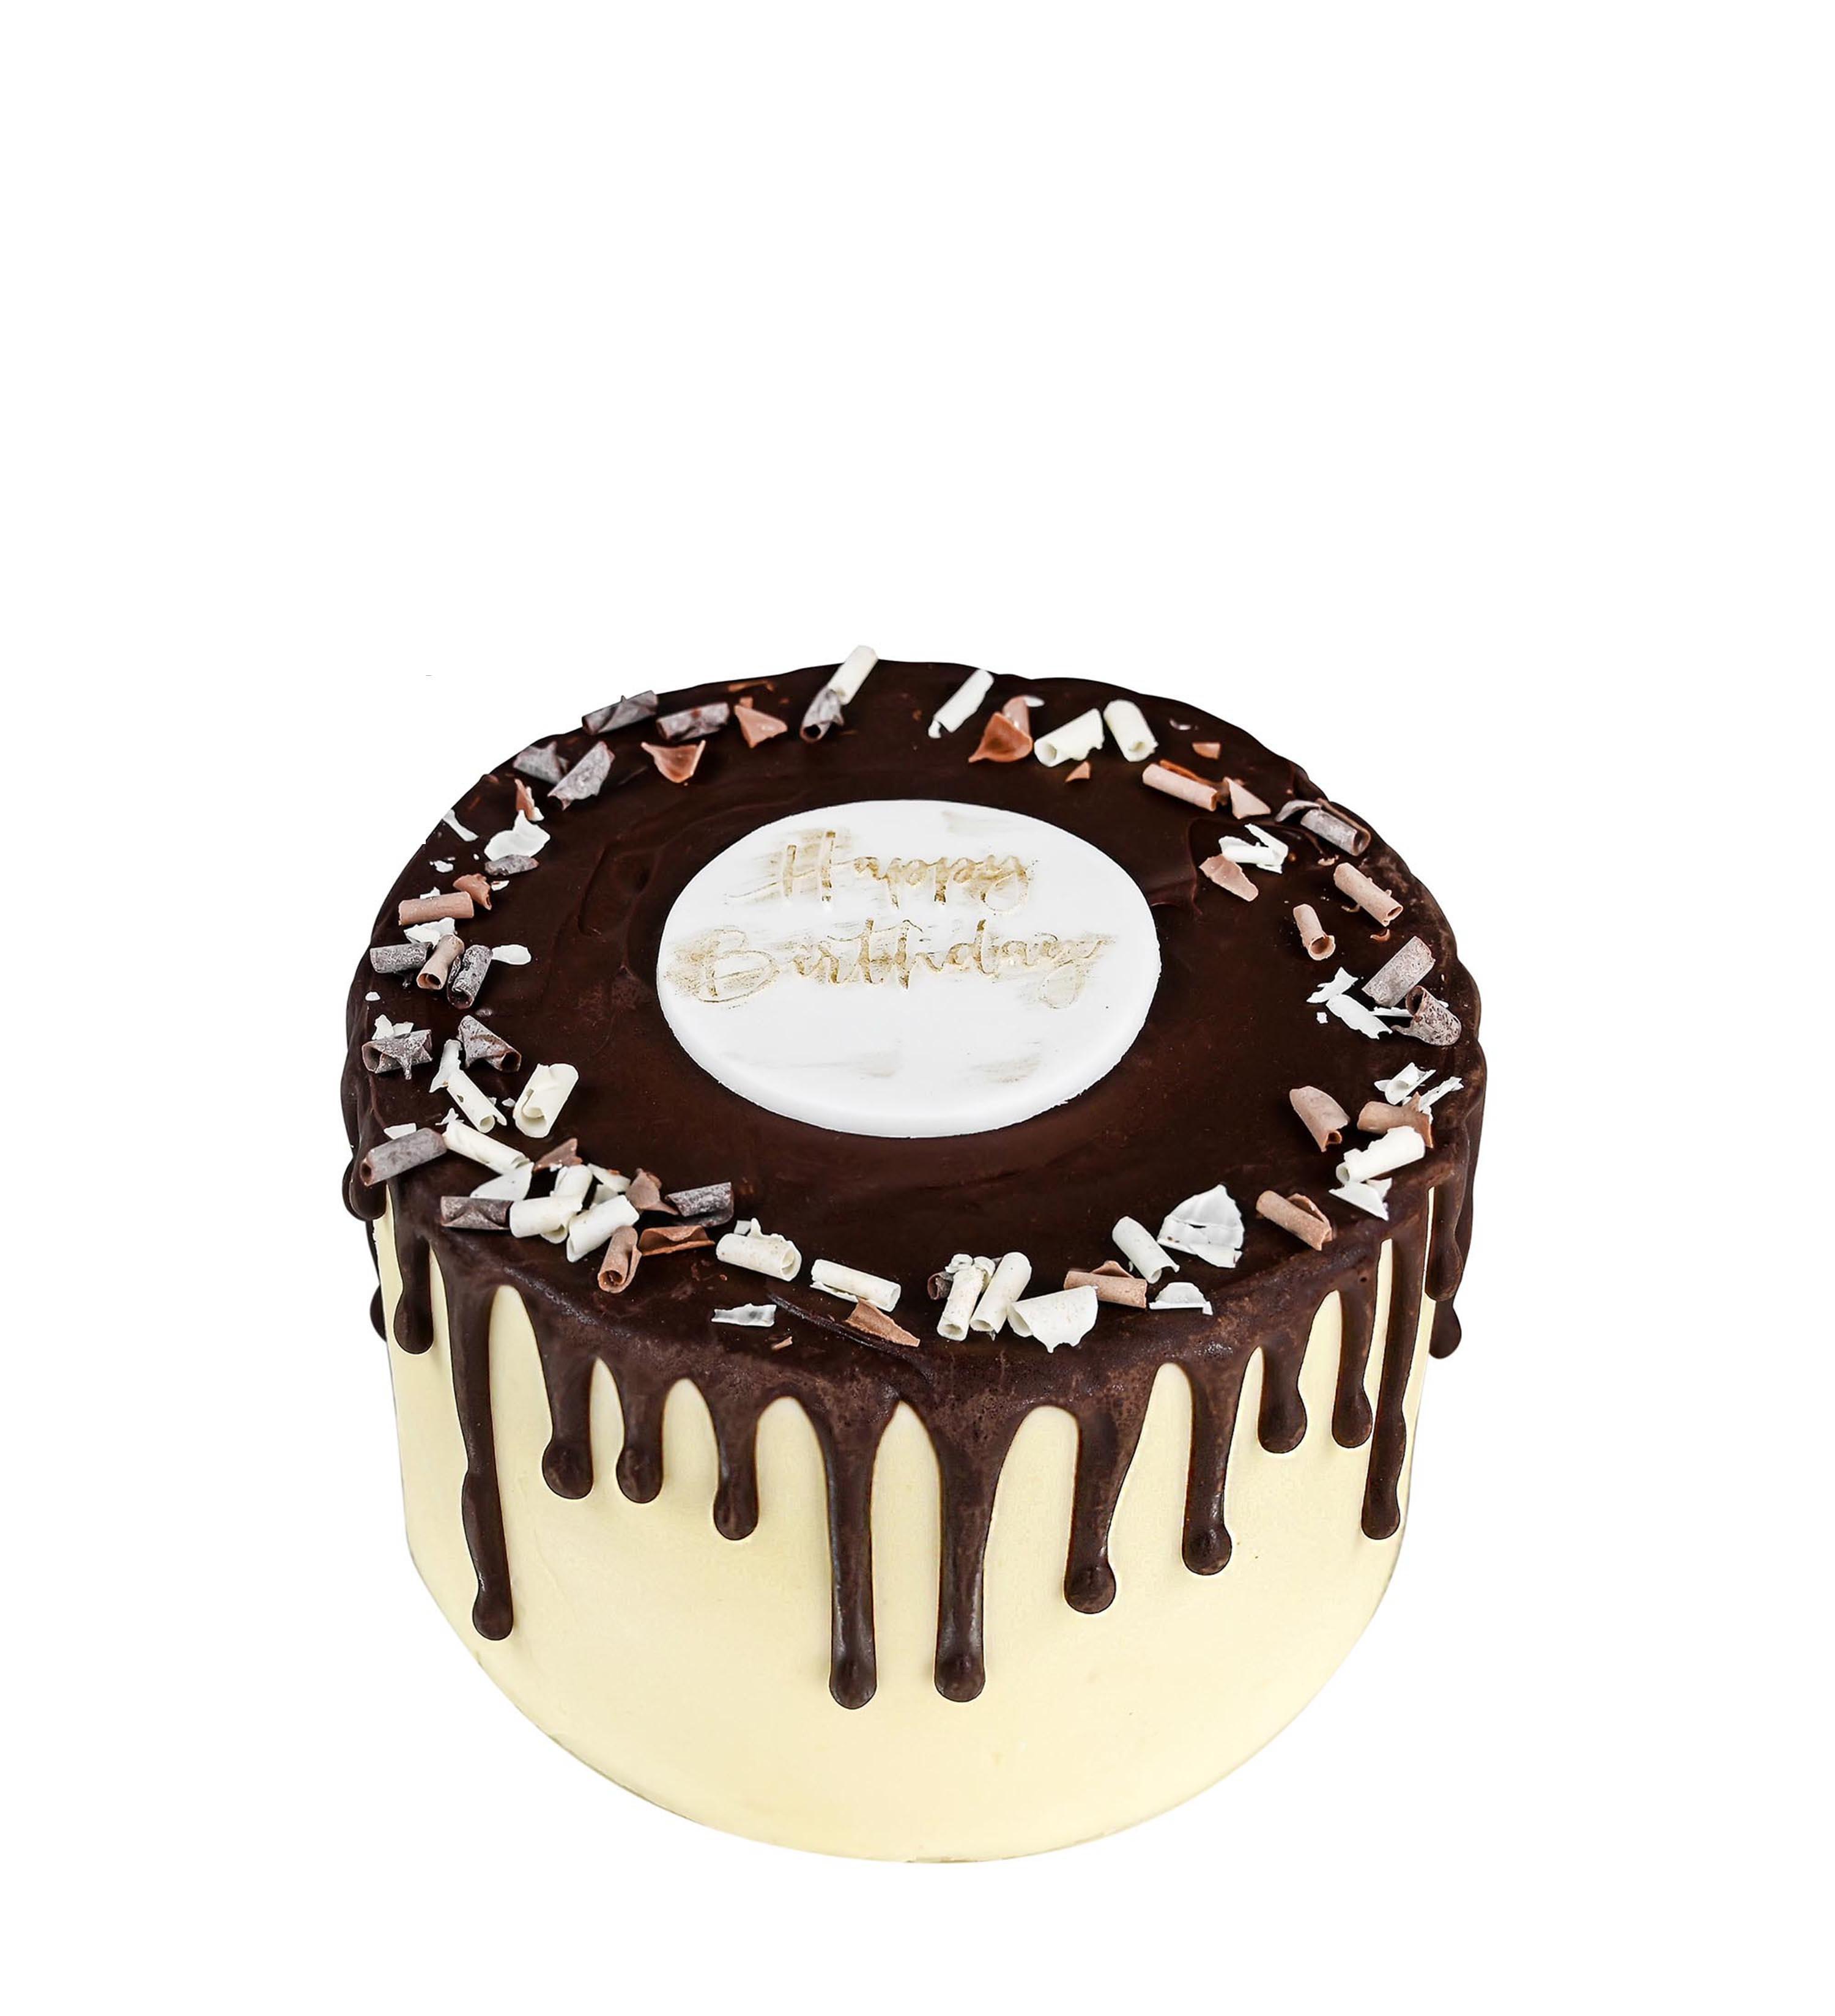 Chocky Wocky Birthday Cake